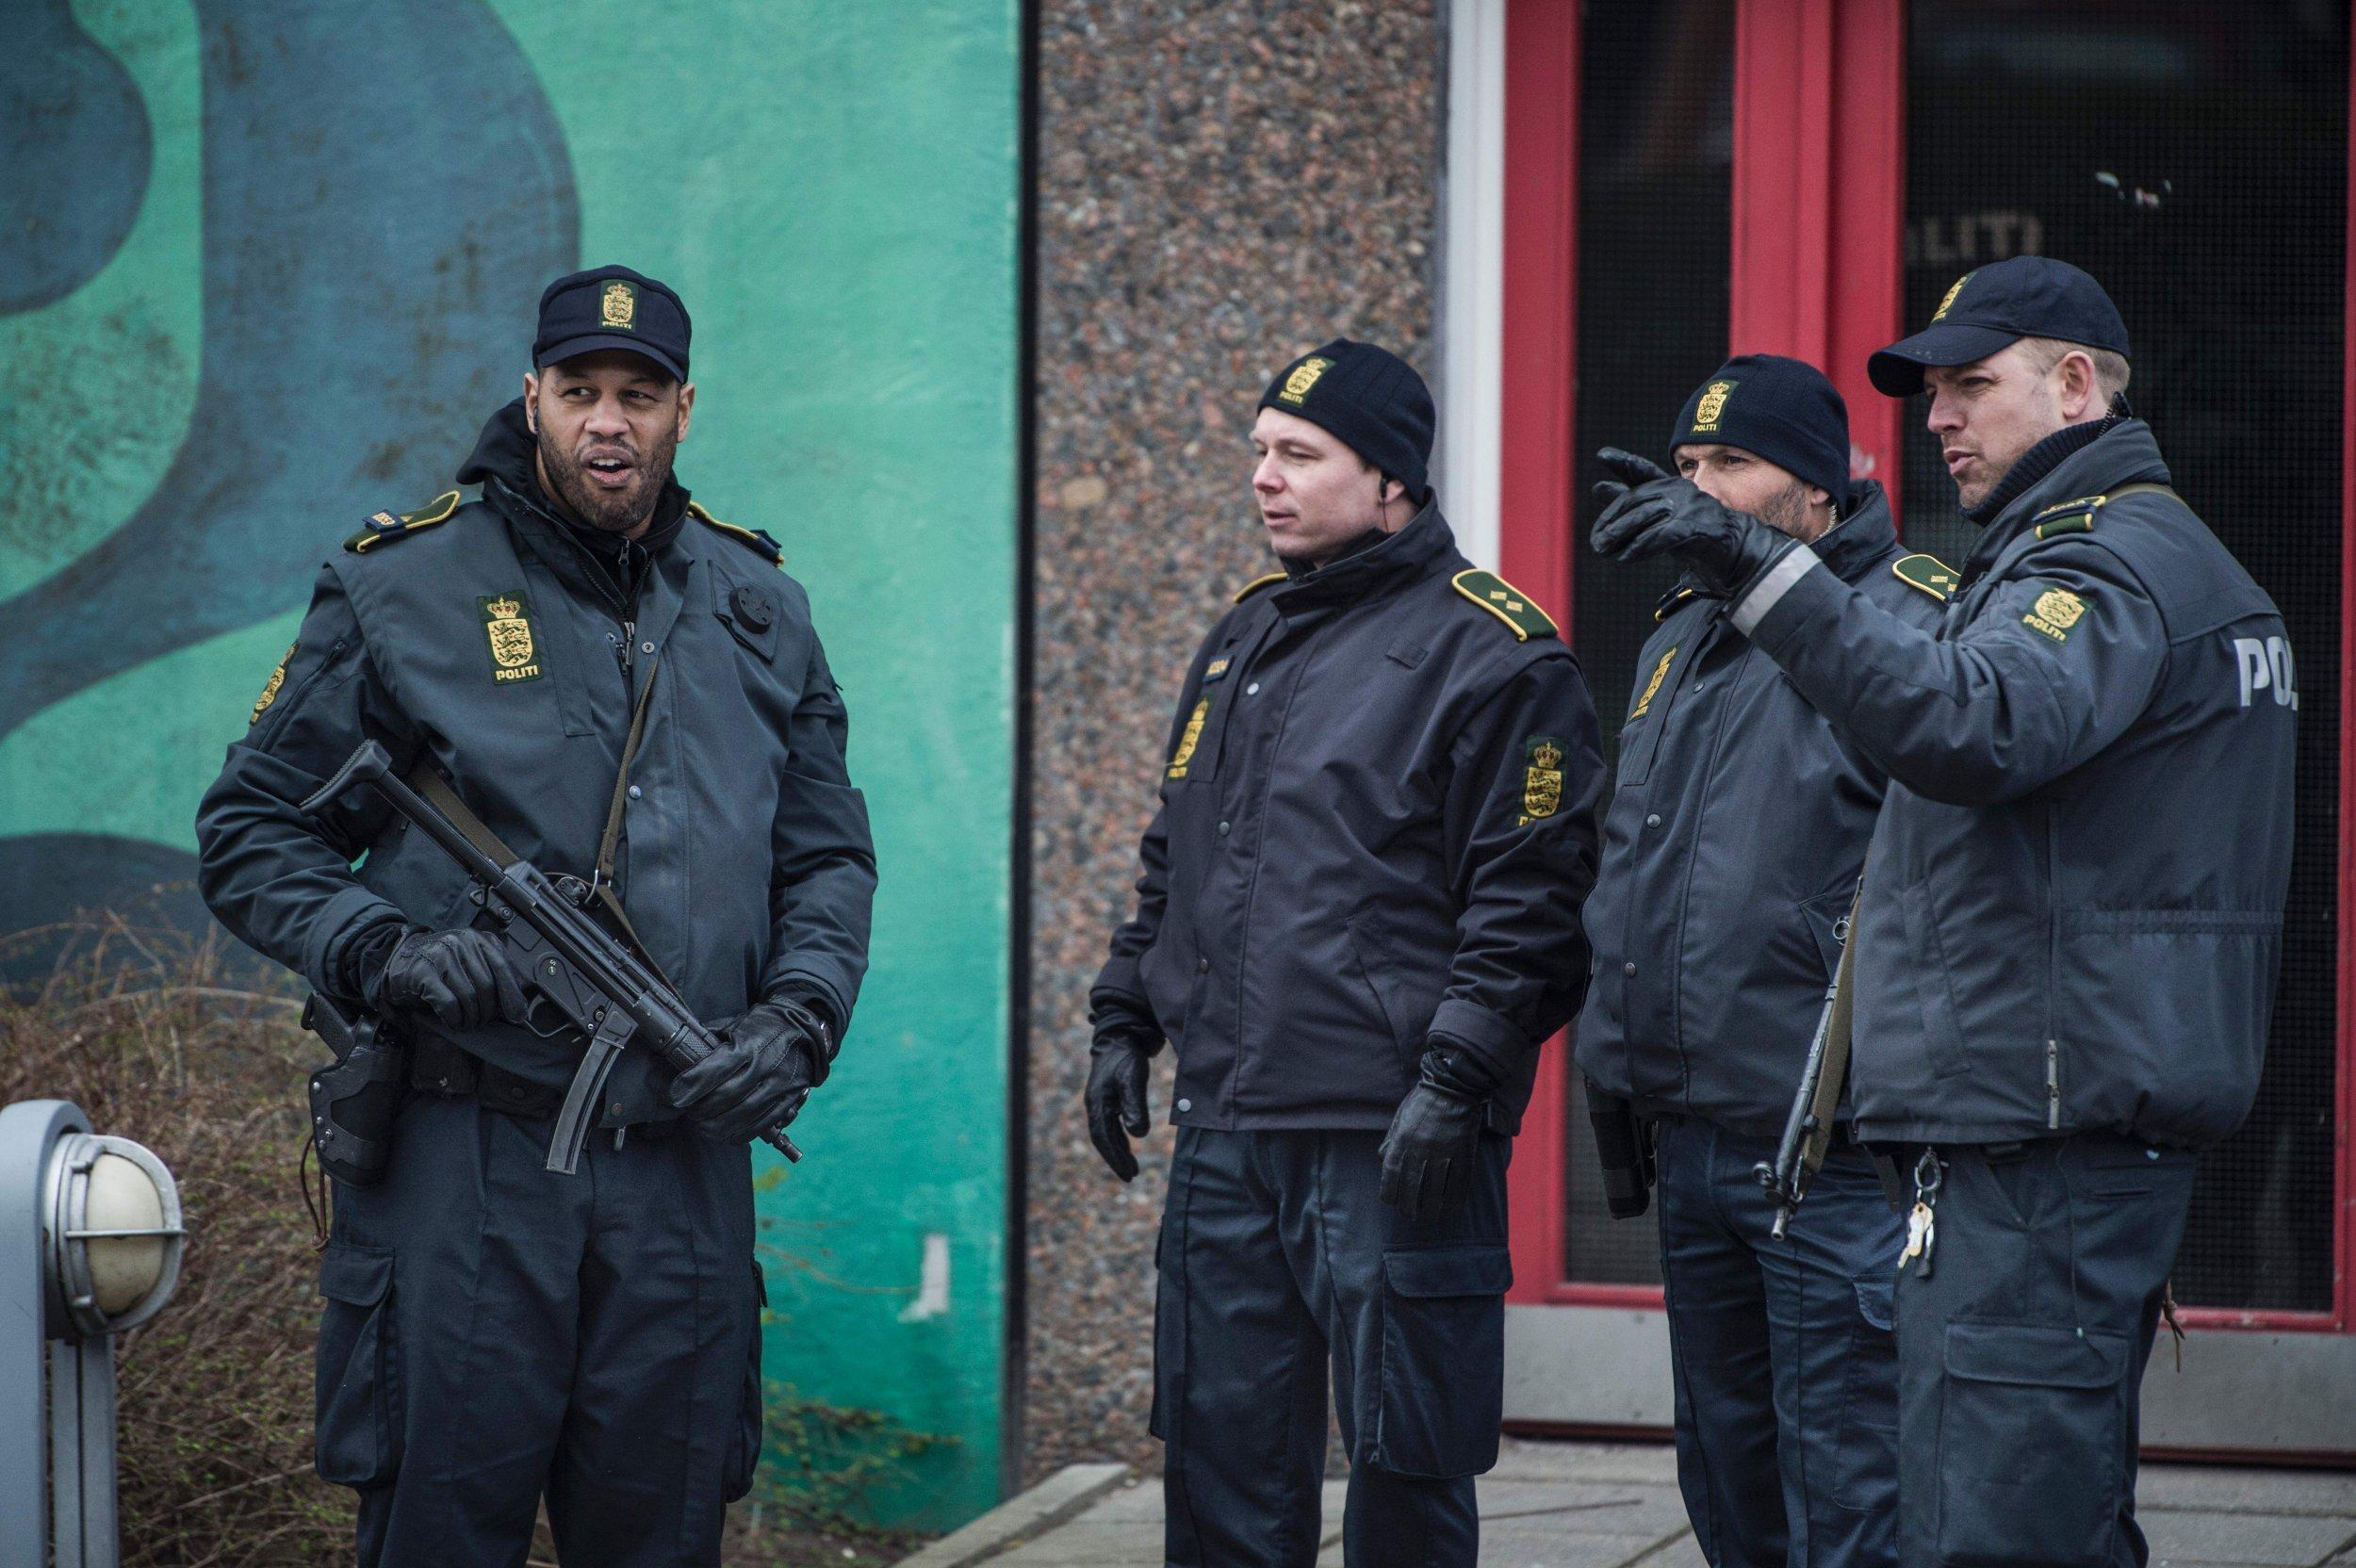 Danish authorities